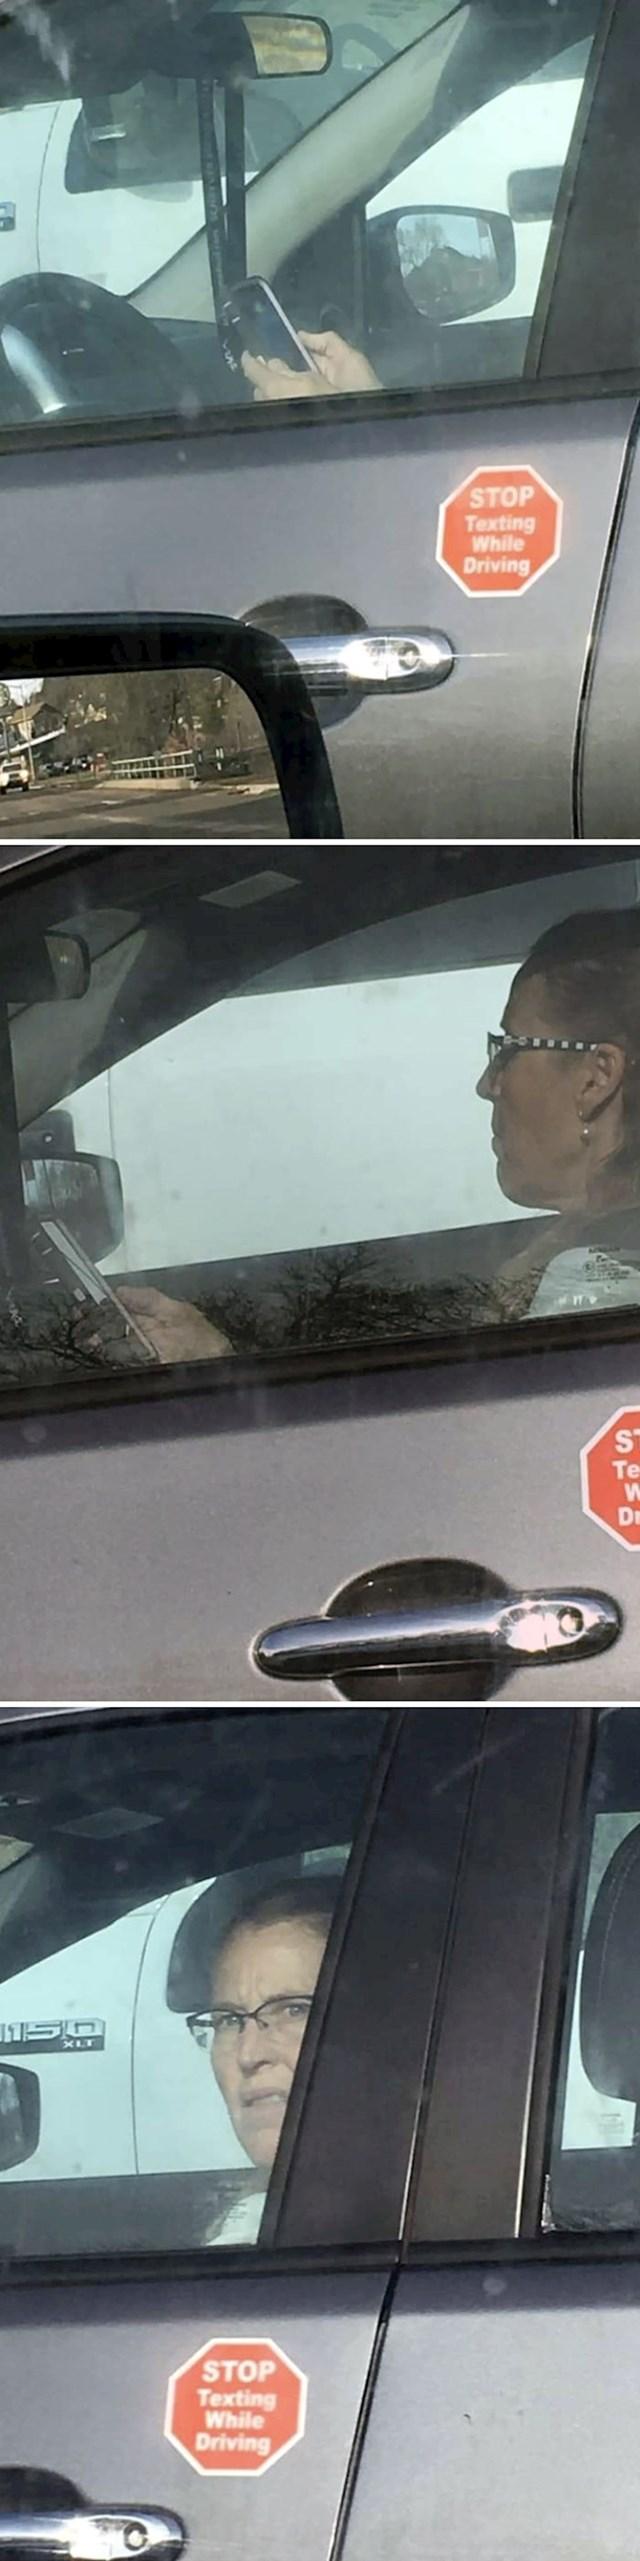 Pogledajte što joj piše na autu. Ccc...